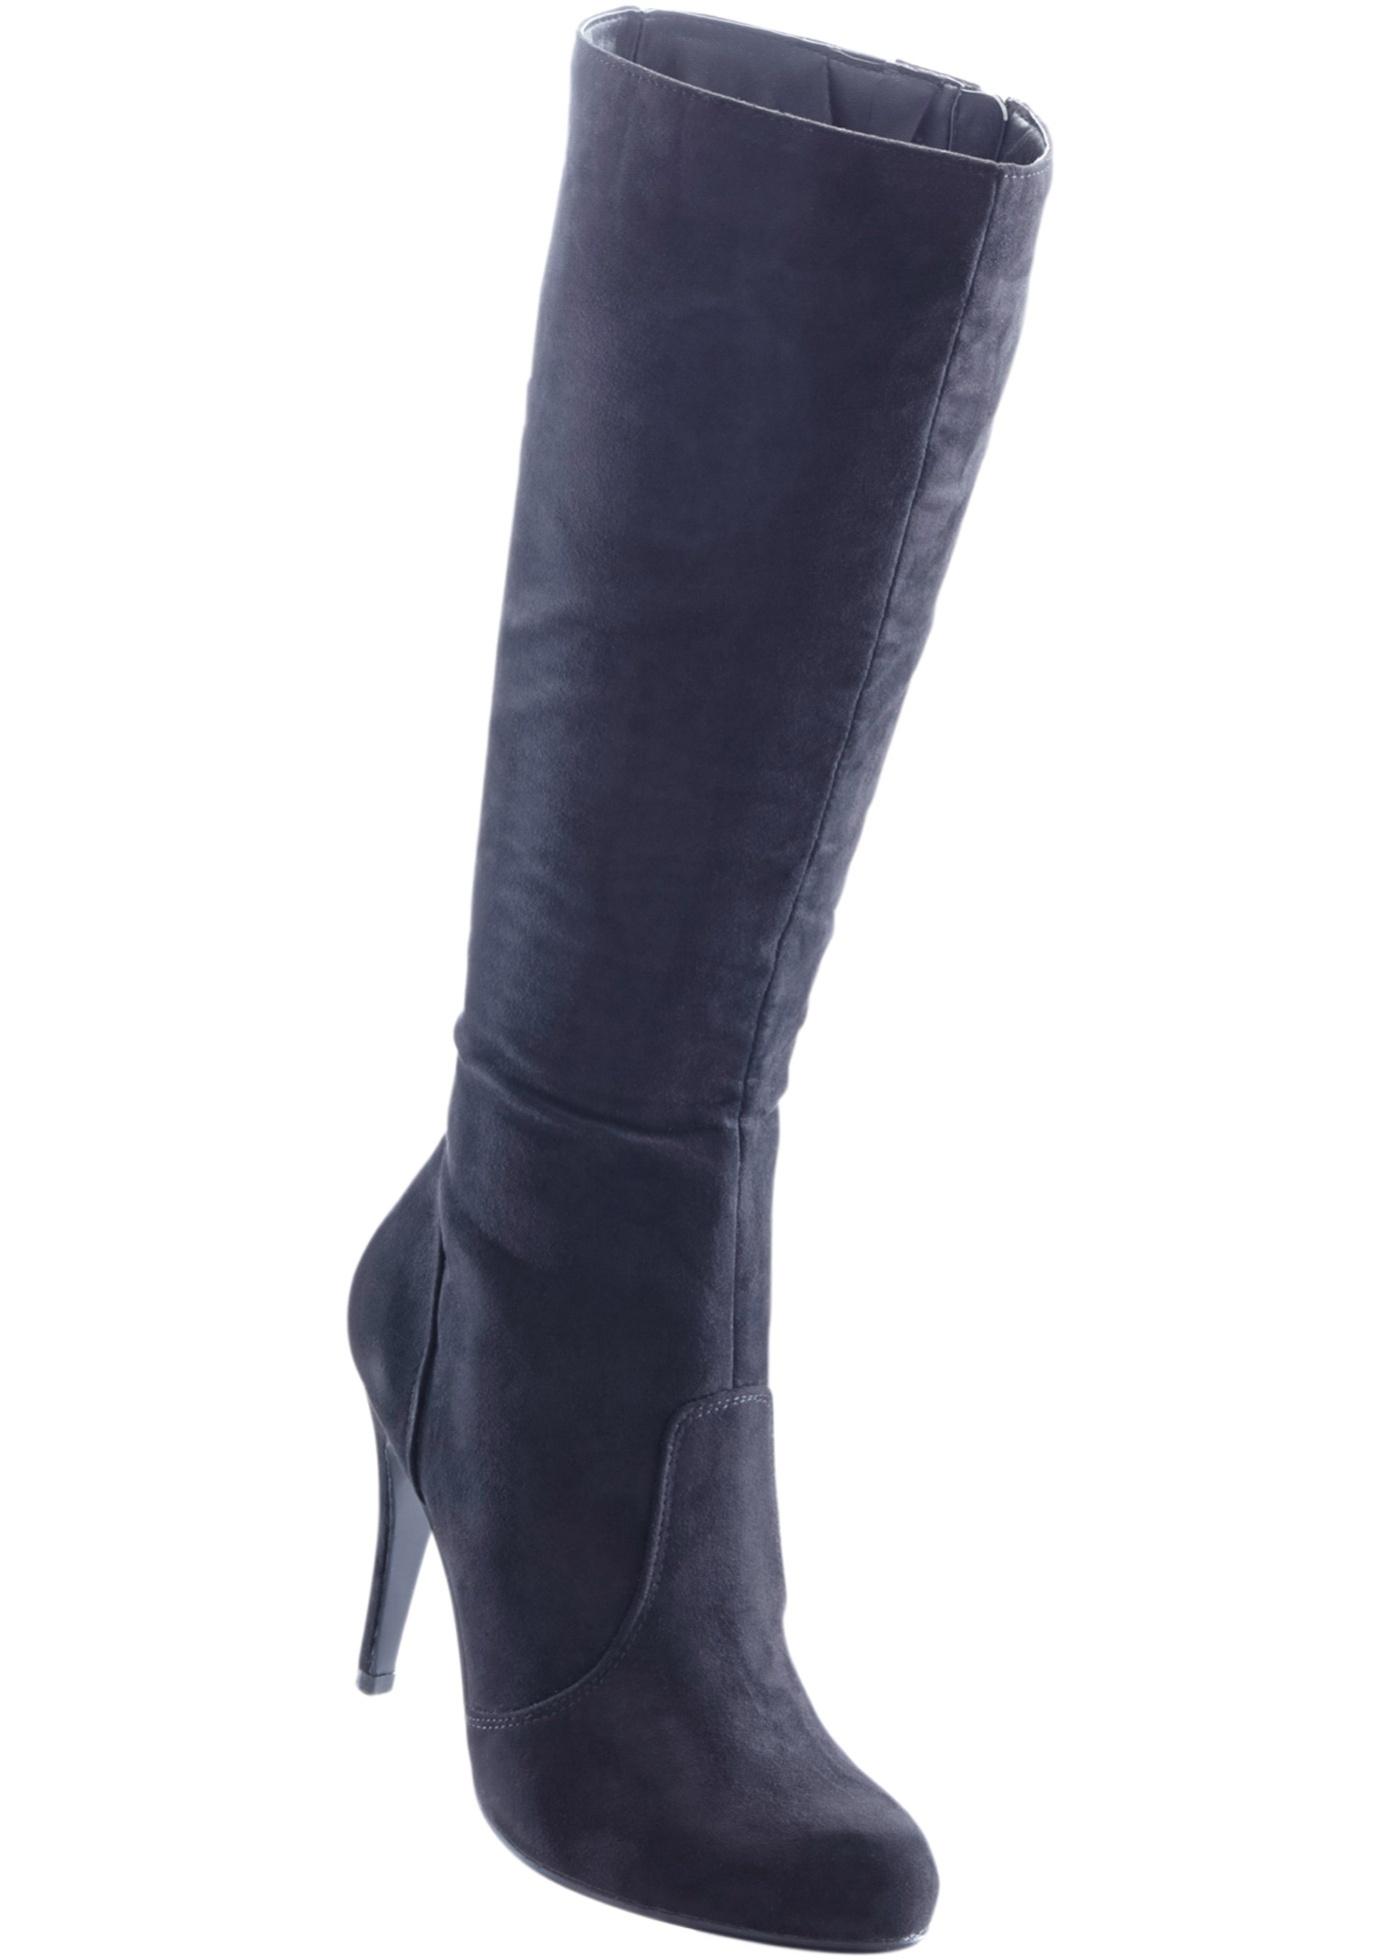 Pour Pour Femme Bonprix Noir Bottes Bottes Bodyflirt xaSHAta 6d976396198c